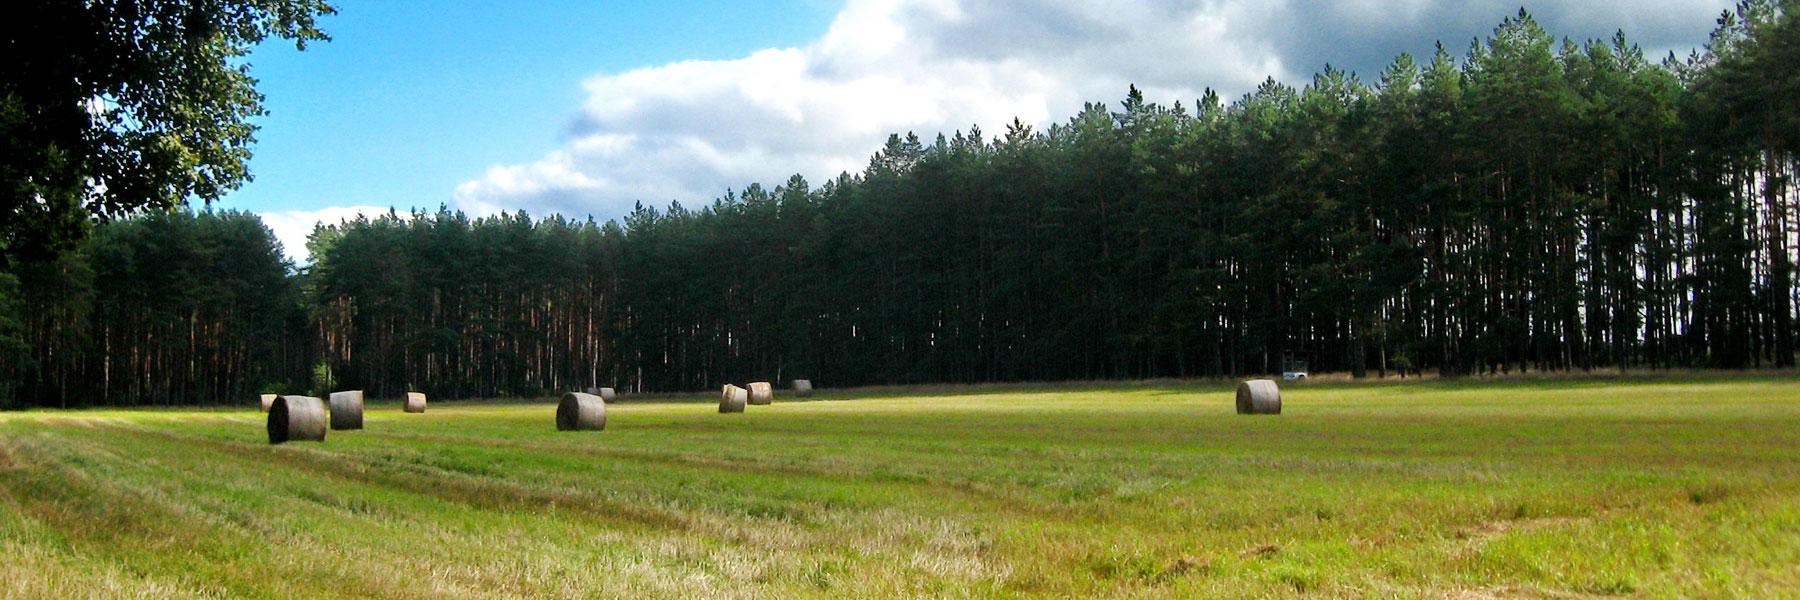 Landschaft - Ferienhof Dinse